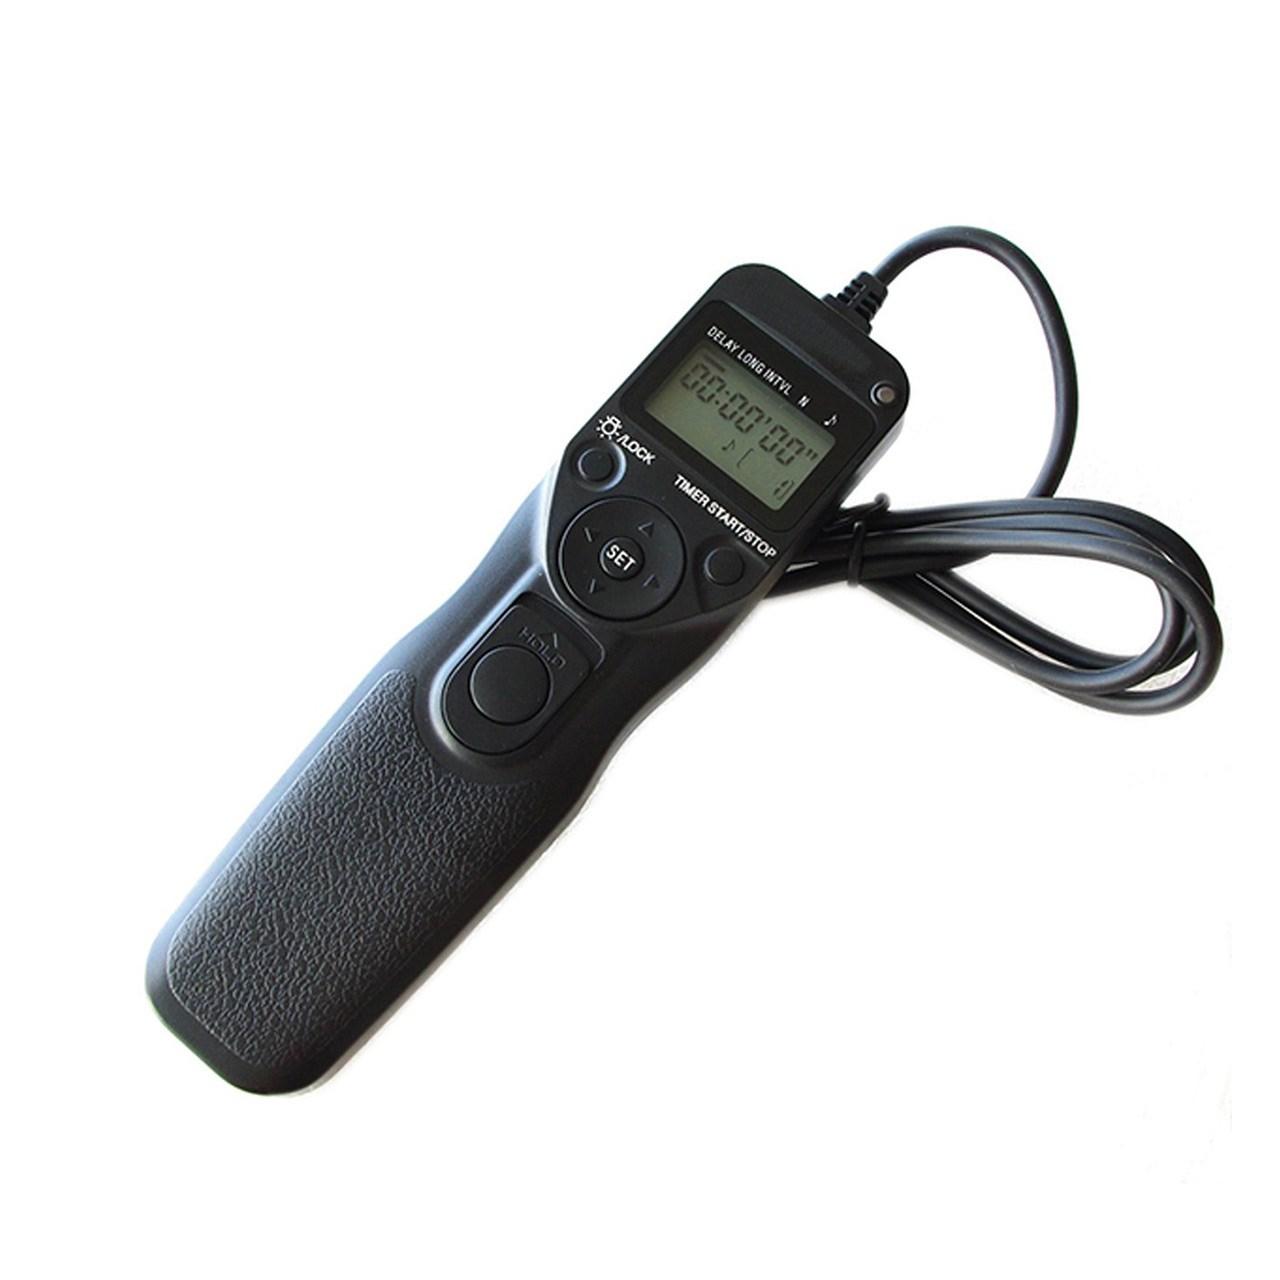 ریموت کنترل دوربین یونگنو مدل MC-36 B/N3